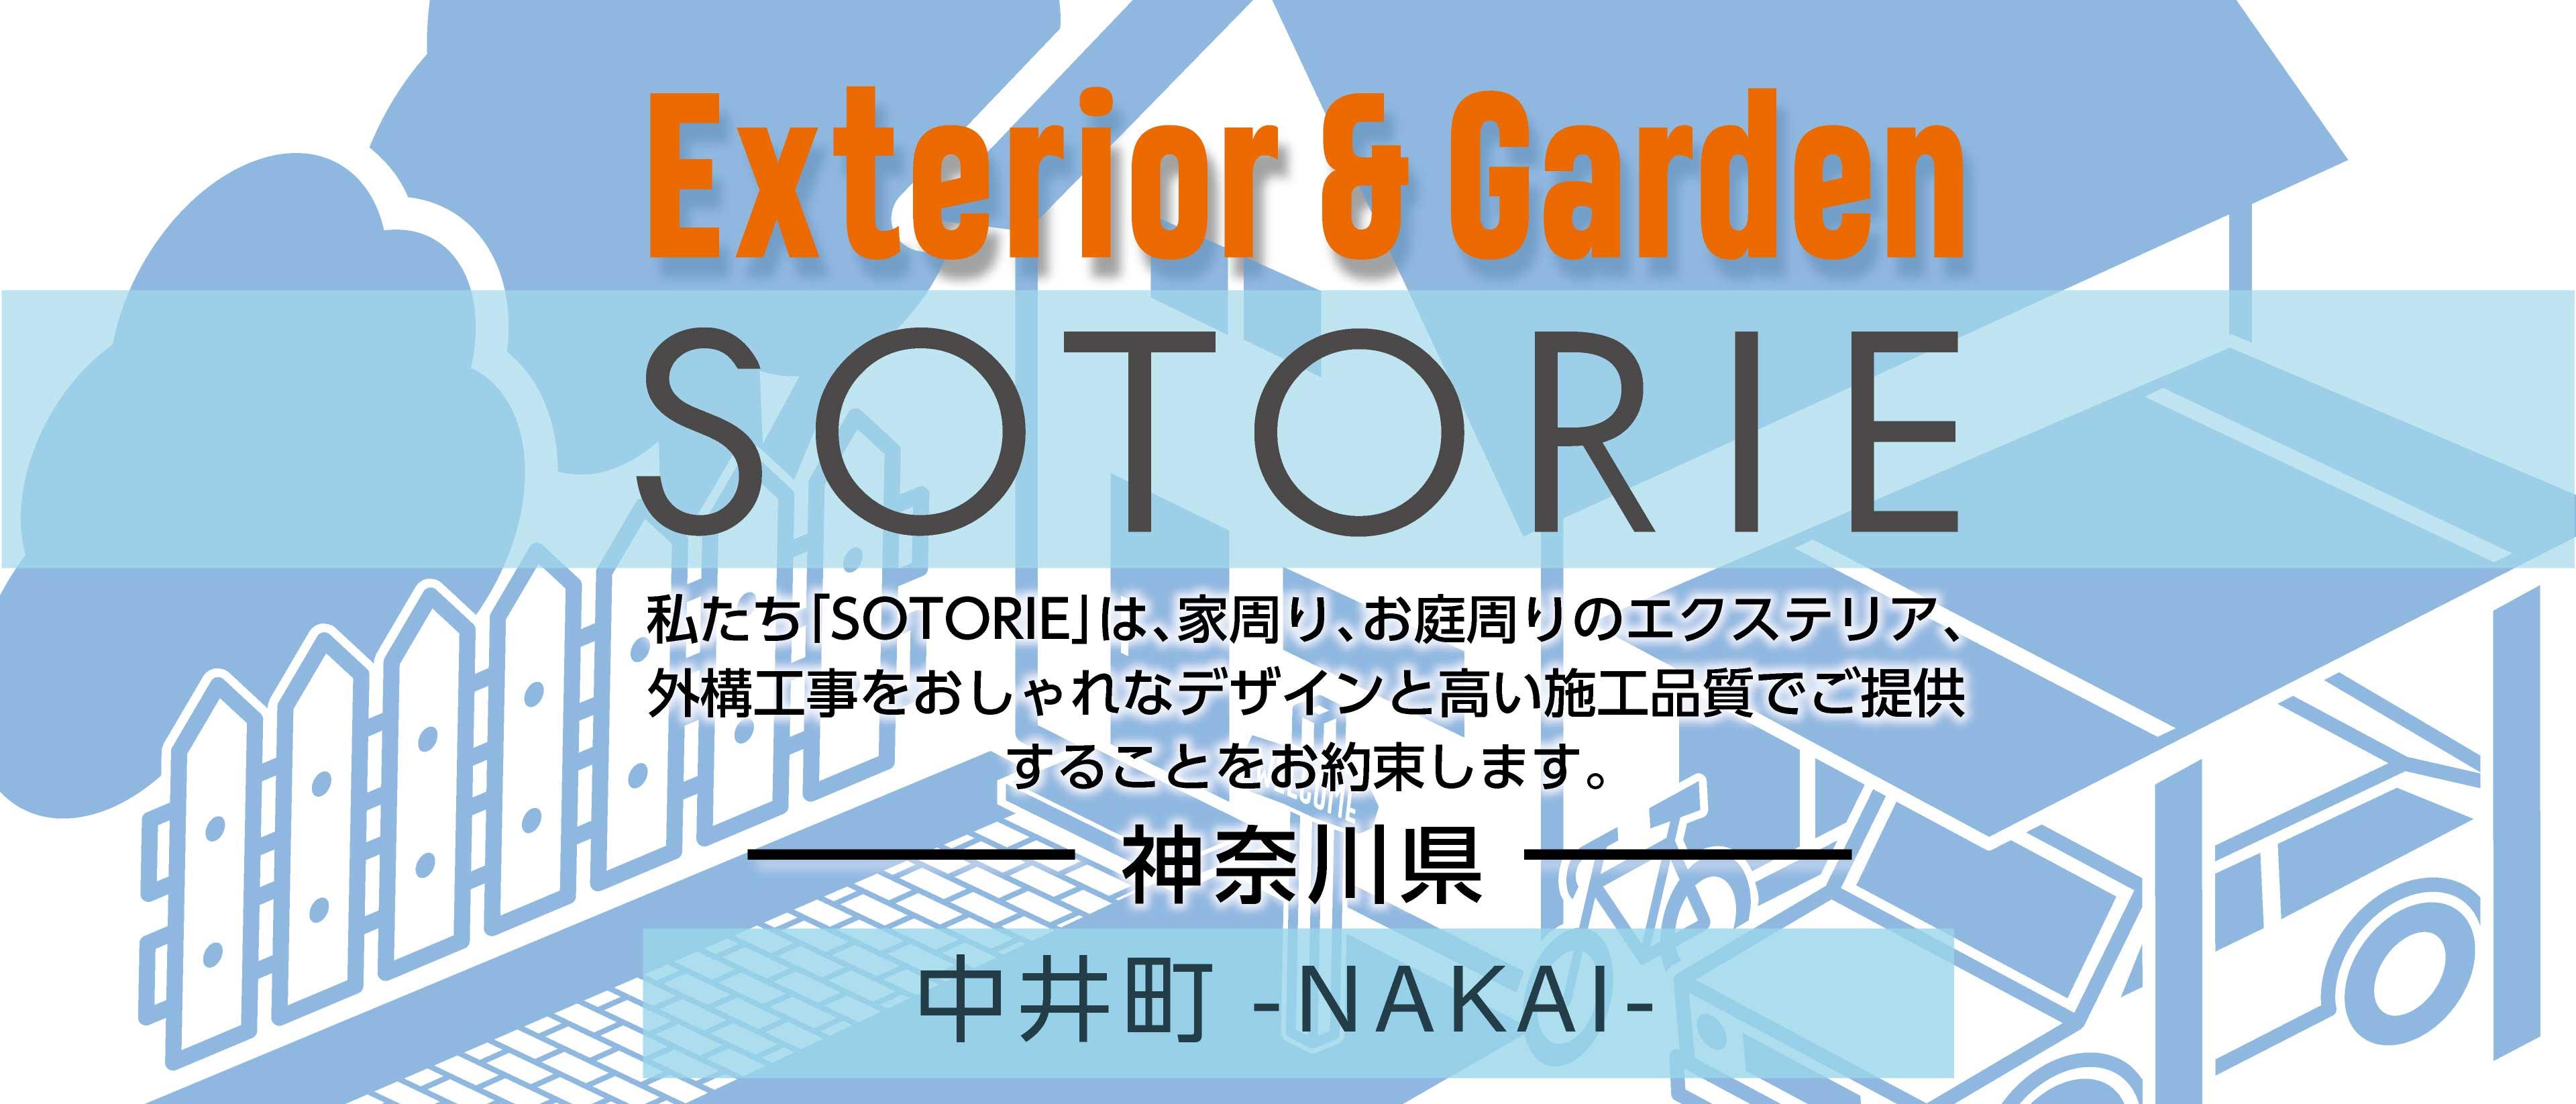 ソトリエ中井町では、家周りと庭周りの外構、エクステリア工事をおしゃれなデザインと高い施工品質でご提供することをお約束します。